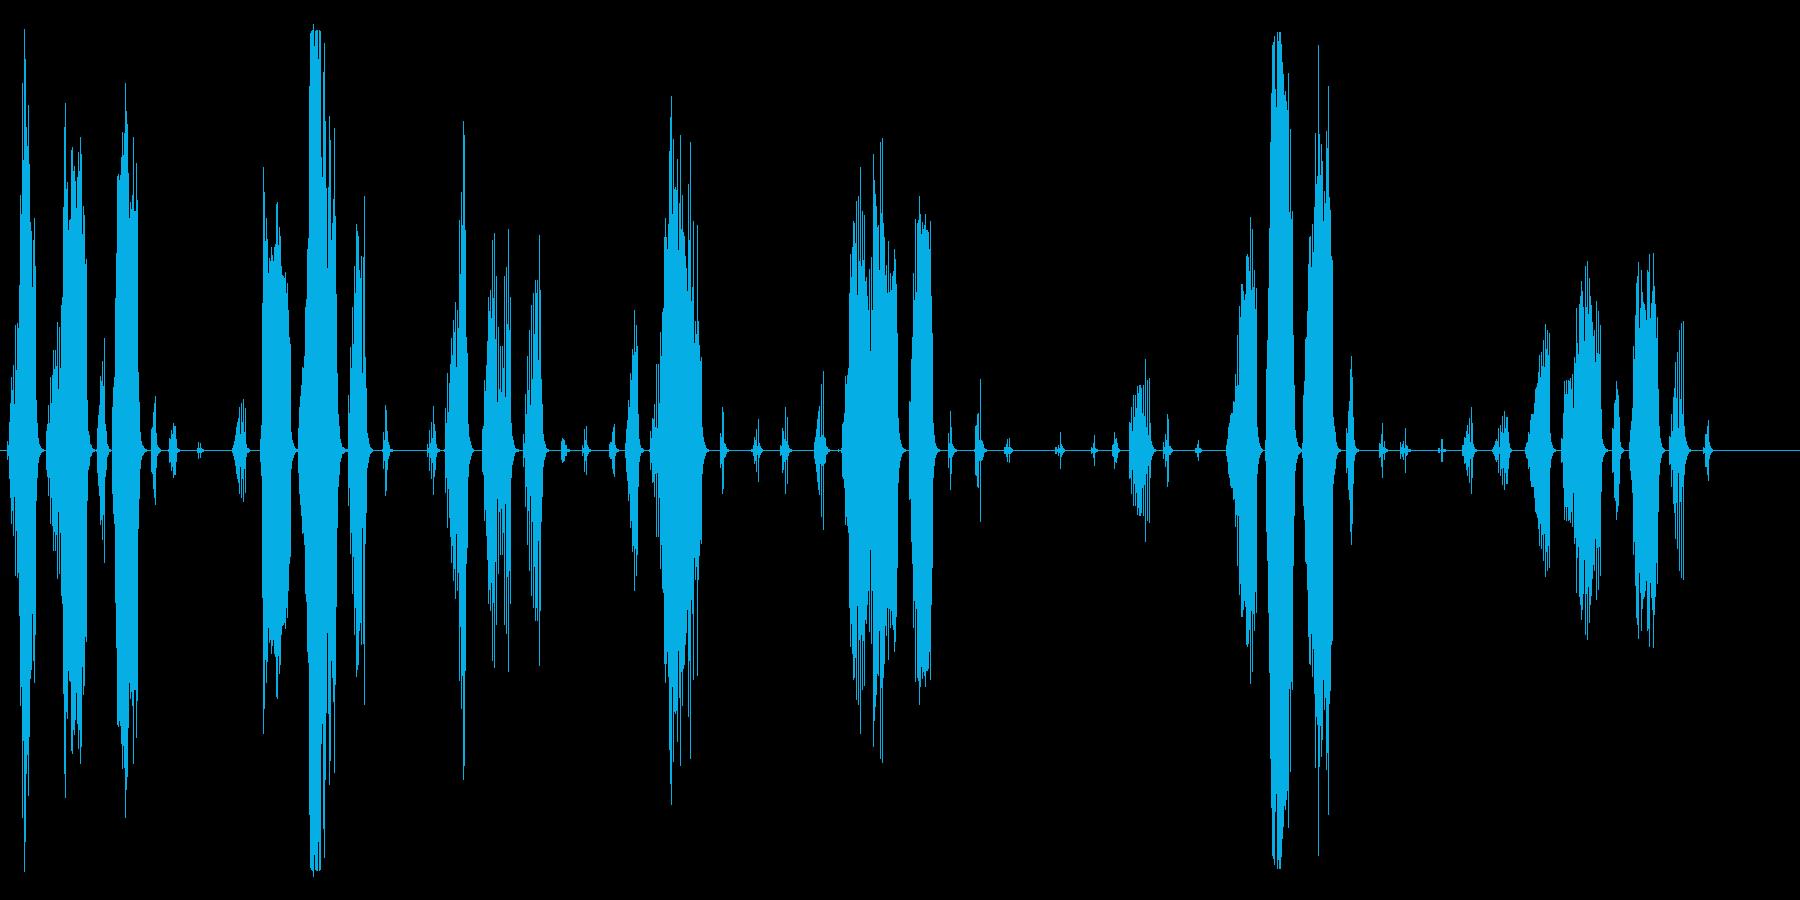 猿、オマキザルびびり、悲鳴。びびり...の再生済みの波形